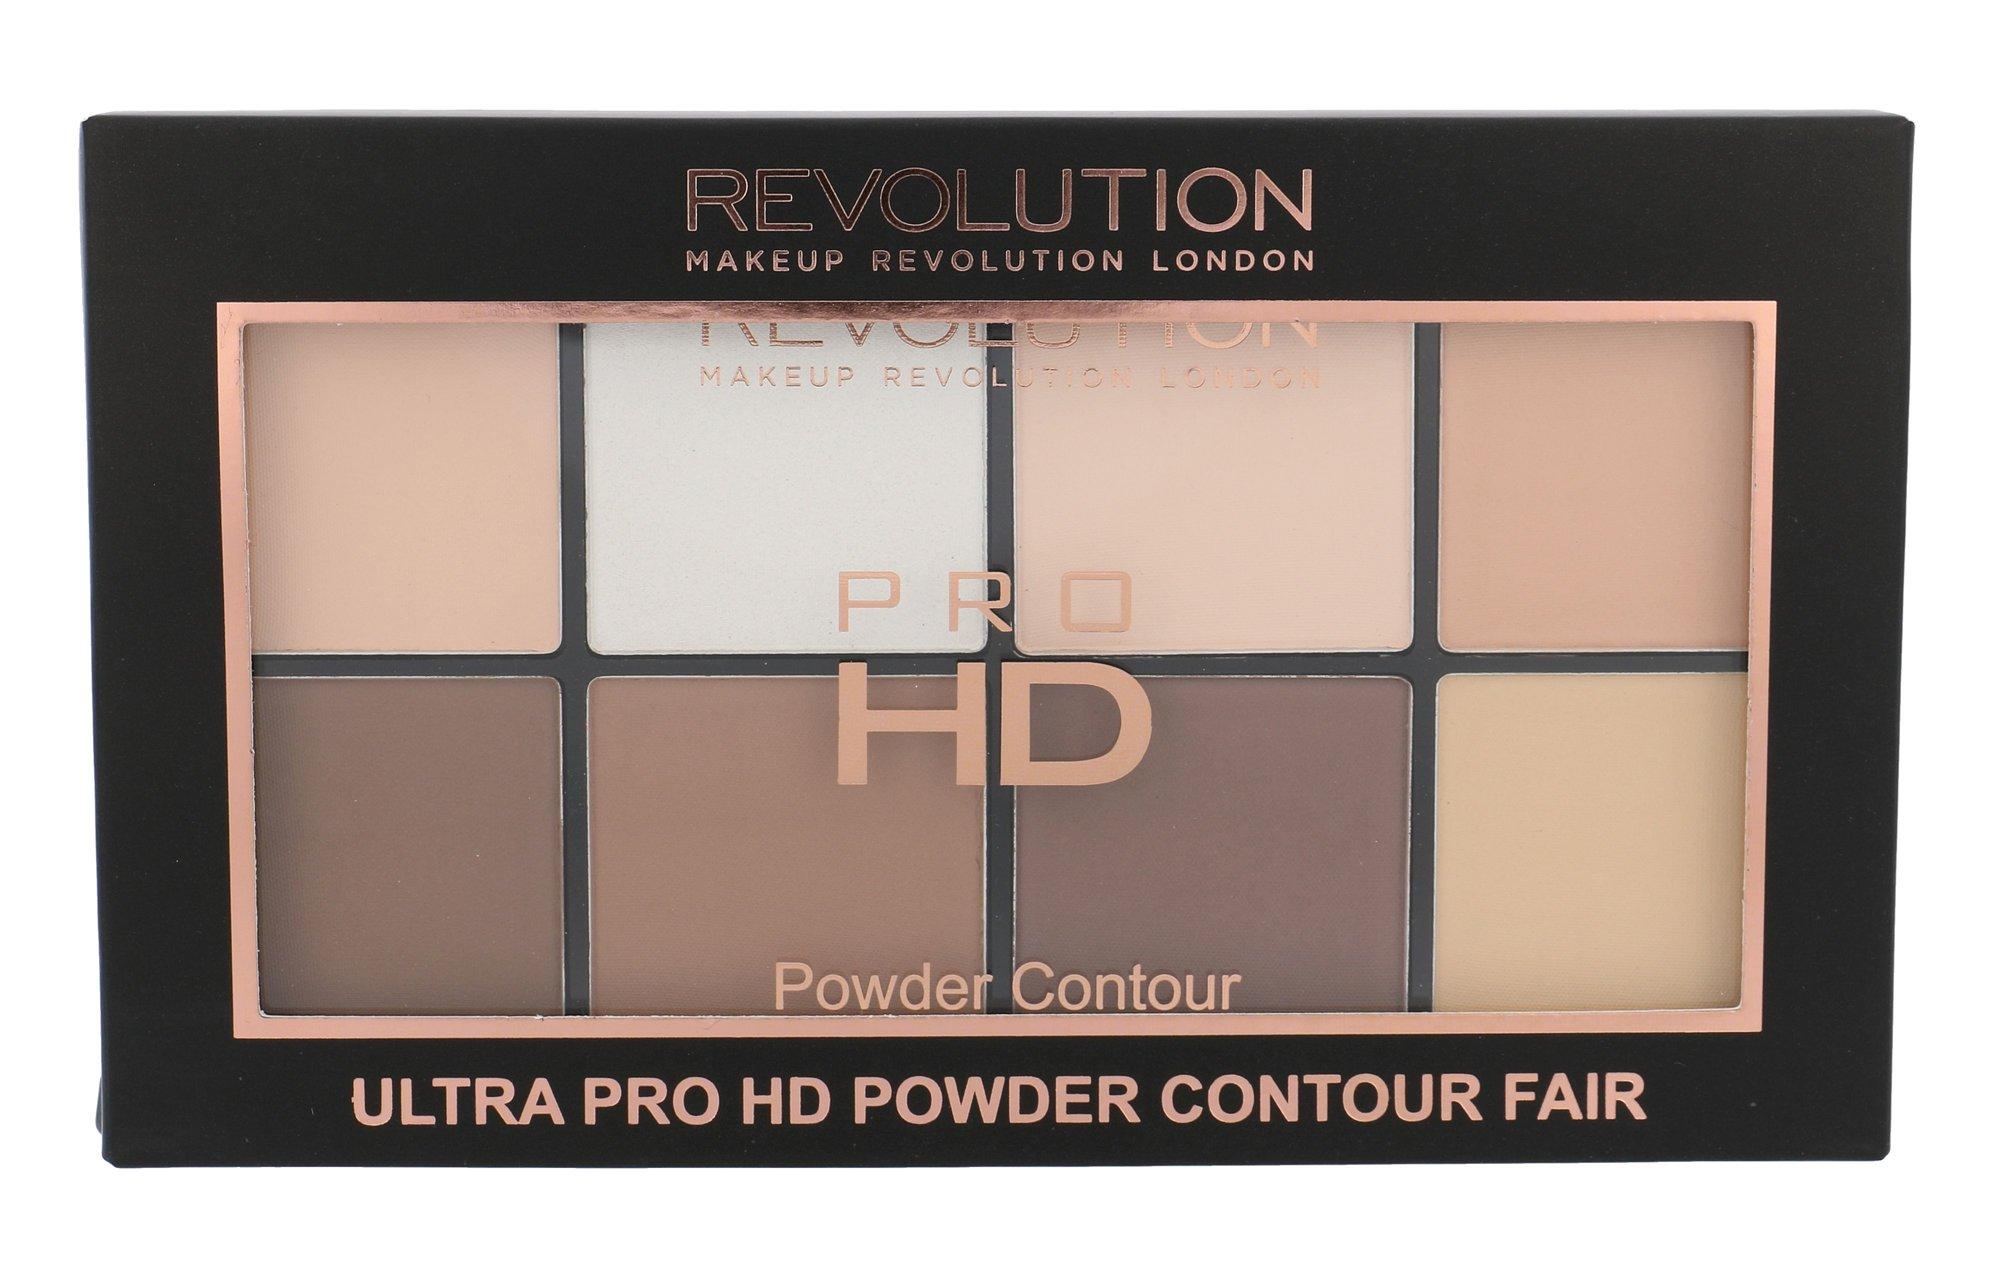 Makeup Revolution London Ultra Pro HD Powder Contour Palette Cosmetic 20g Fair